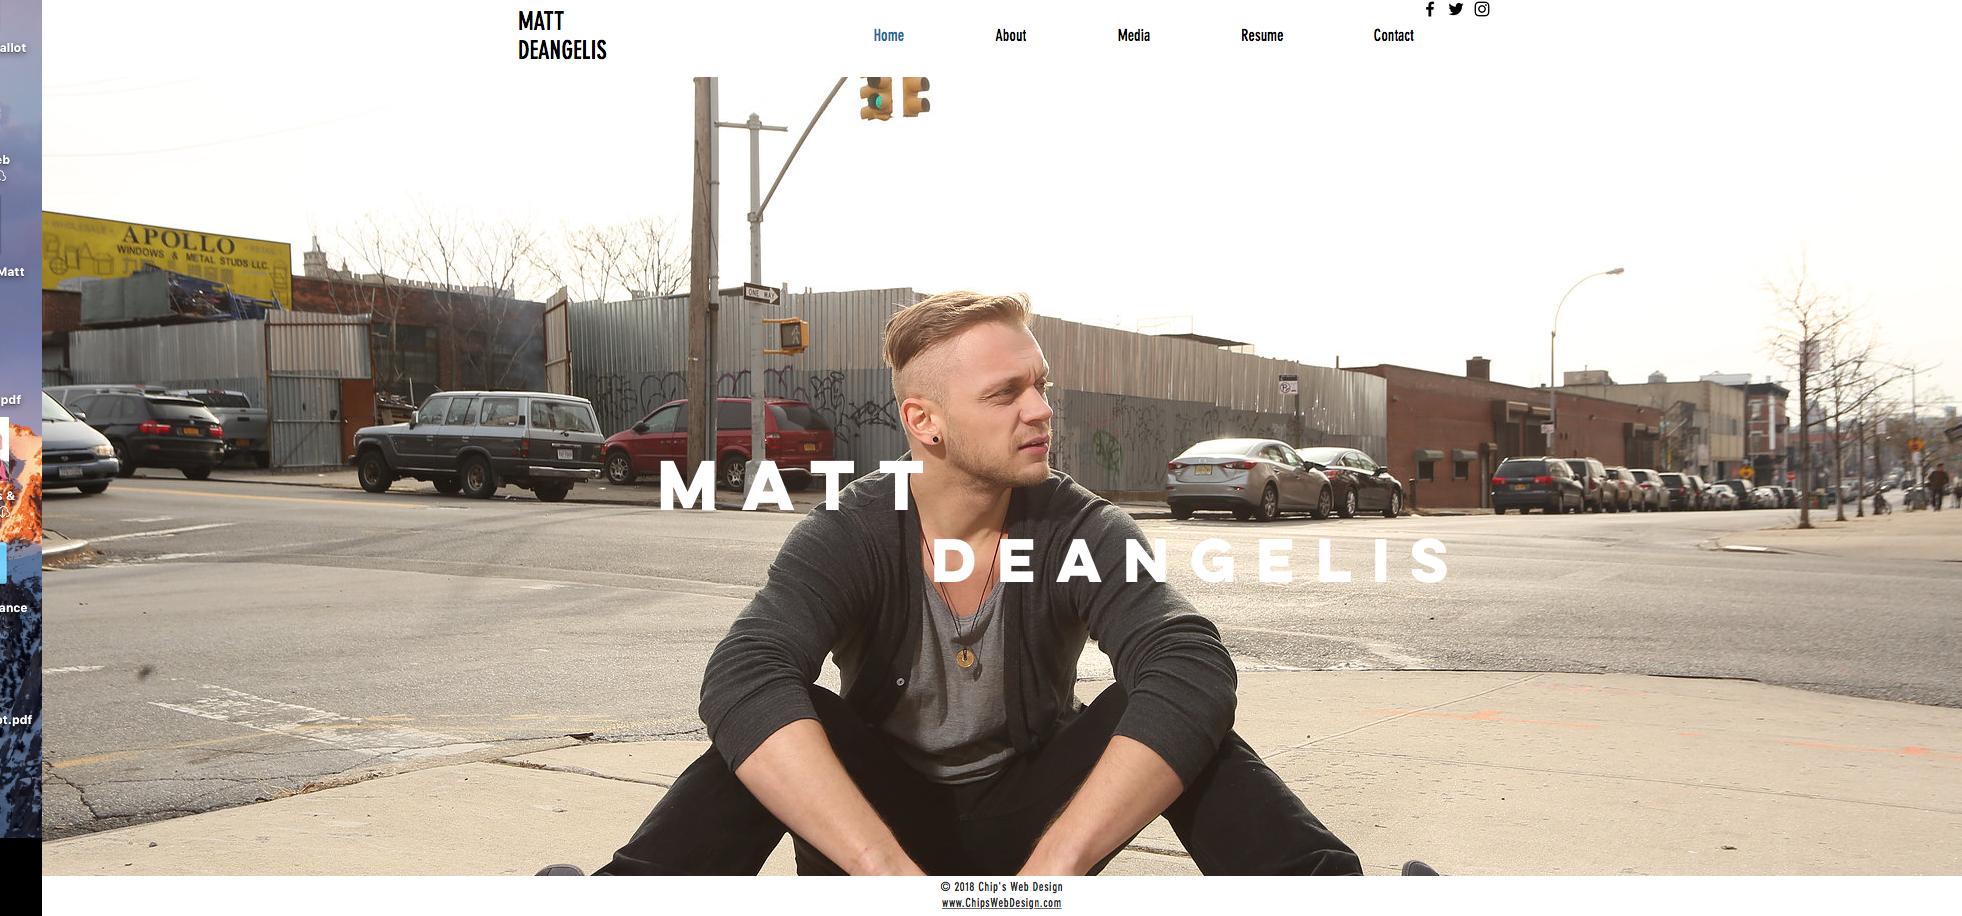 Matt Deangelis